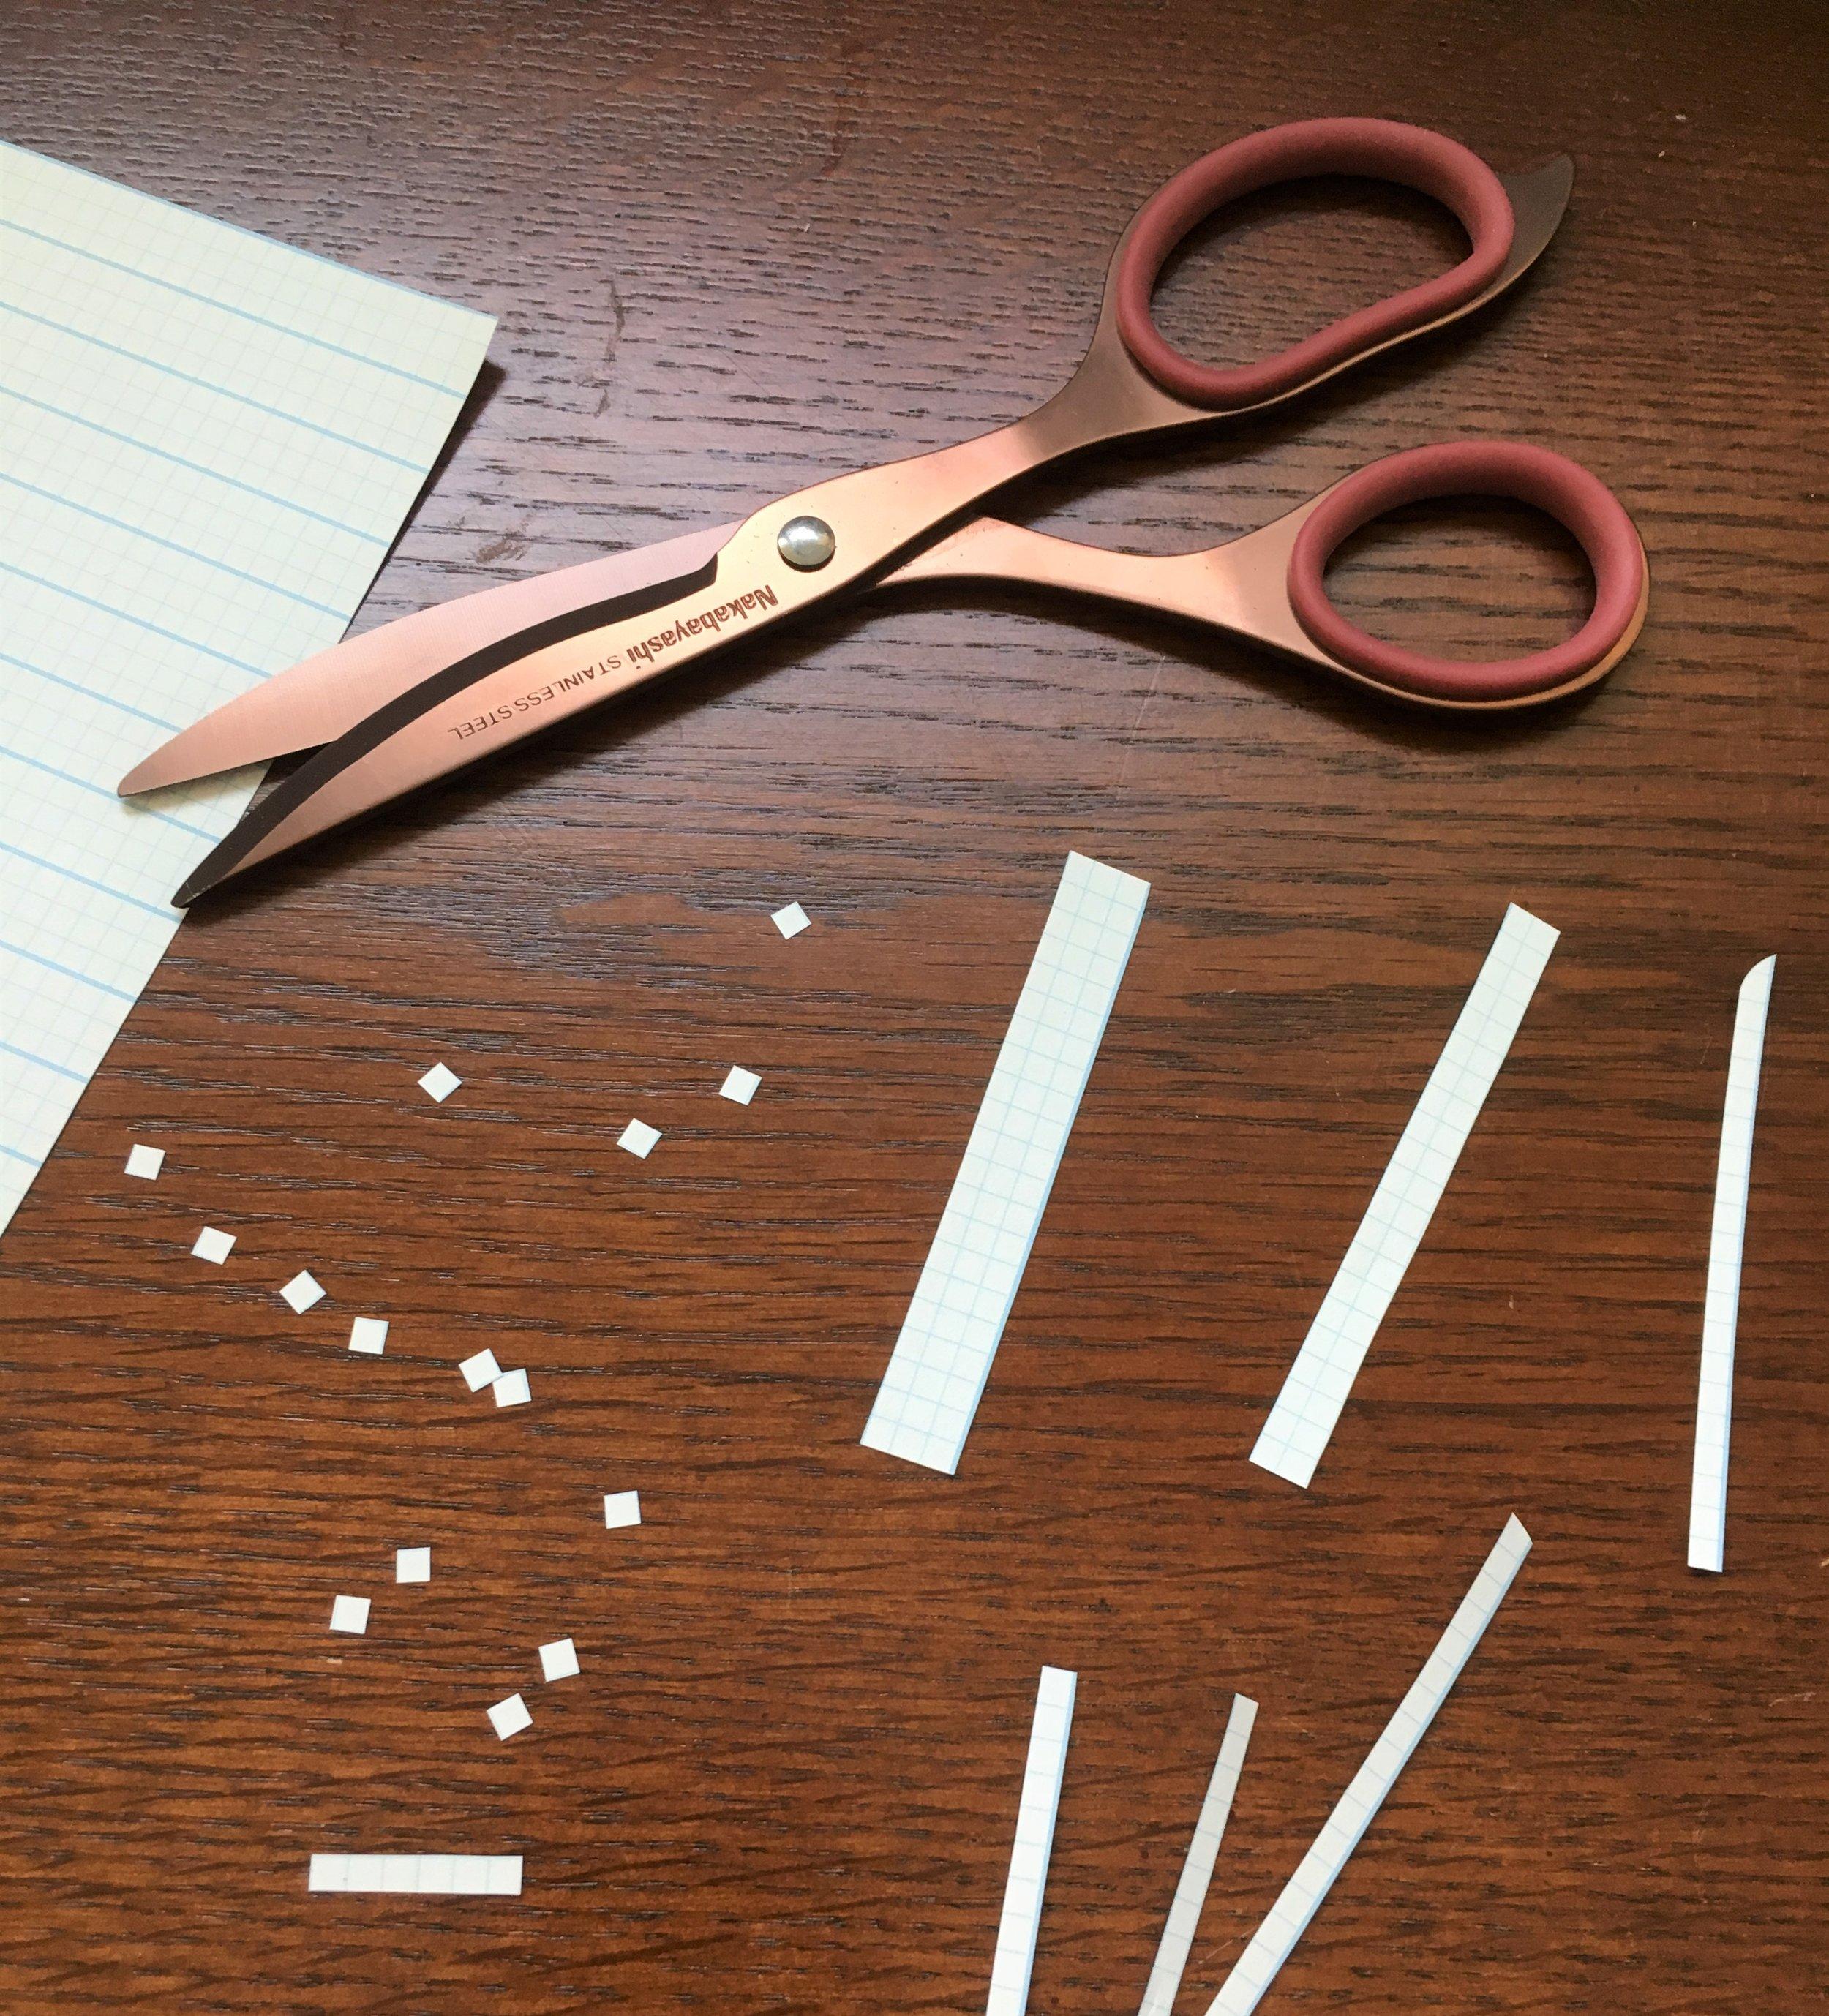 Nakabayashi Hikigiri Slim Scissors Blade